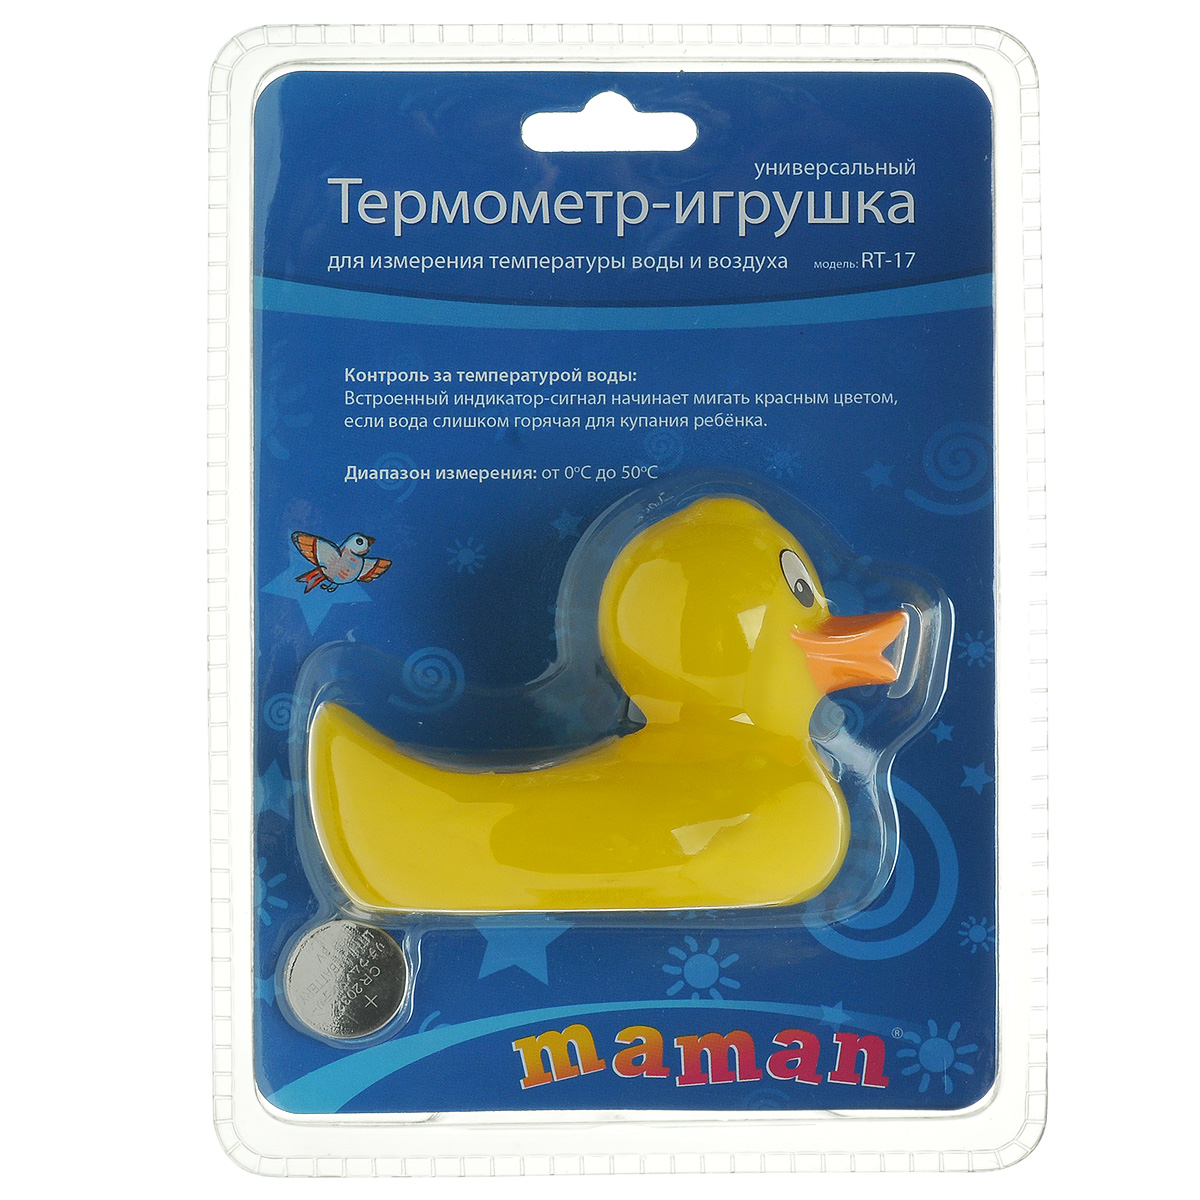 Термометр для воды Maman Утенок, цифровойRT-17_утенокЦифровой термометр Maman Утенок, предназначенный для воды и комнатной температуры, позволит вам удобно контролировать температуру как в детской, так и в ванне. Кроме того, во время купания термометр, выполненный в виде милой уточки, может использоваться как игрушка.Температура воды будет отображаться на экране прибора спустя 30-60 секунд нахождения в ванне. Если вода слишком горячая для купания ребенка, то встроенный индикатор-сигнал начинает мигать красным цветом.Цифровой термометр работает от батарейки типа CR2032 (товар комплектуется демонстрационной). Также в комплекте запасная батарейка.Диапазон измерений: от 0° C до 50° C.